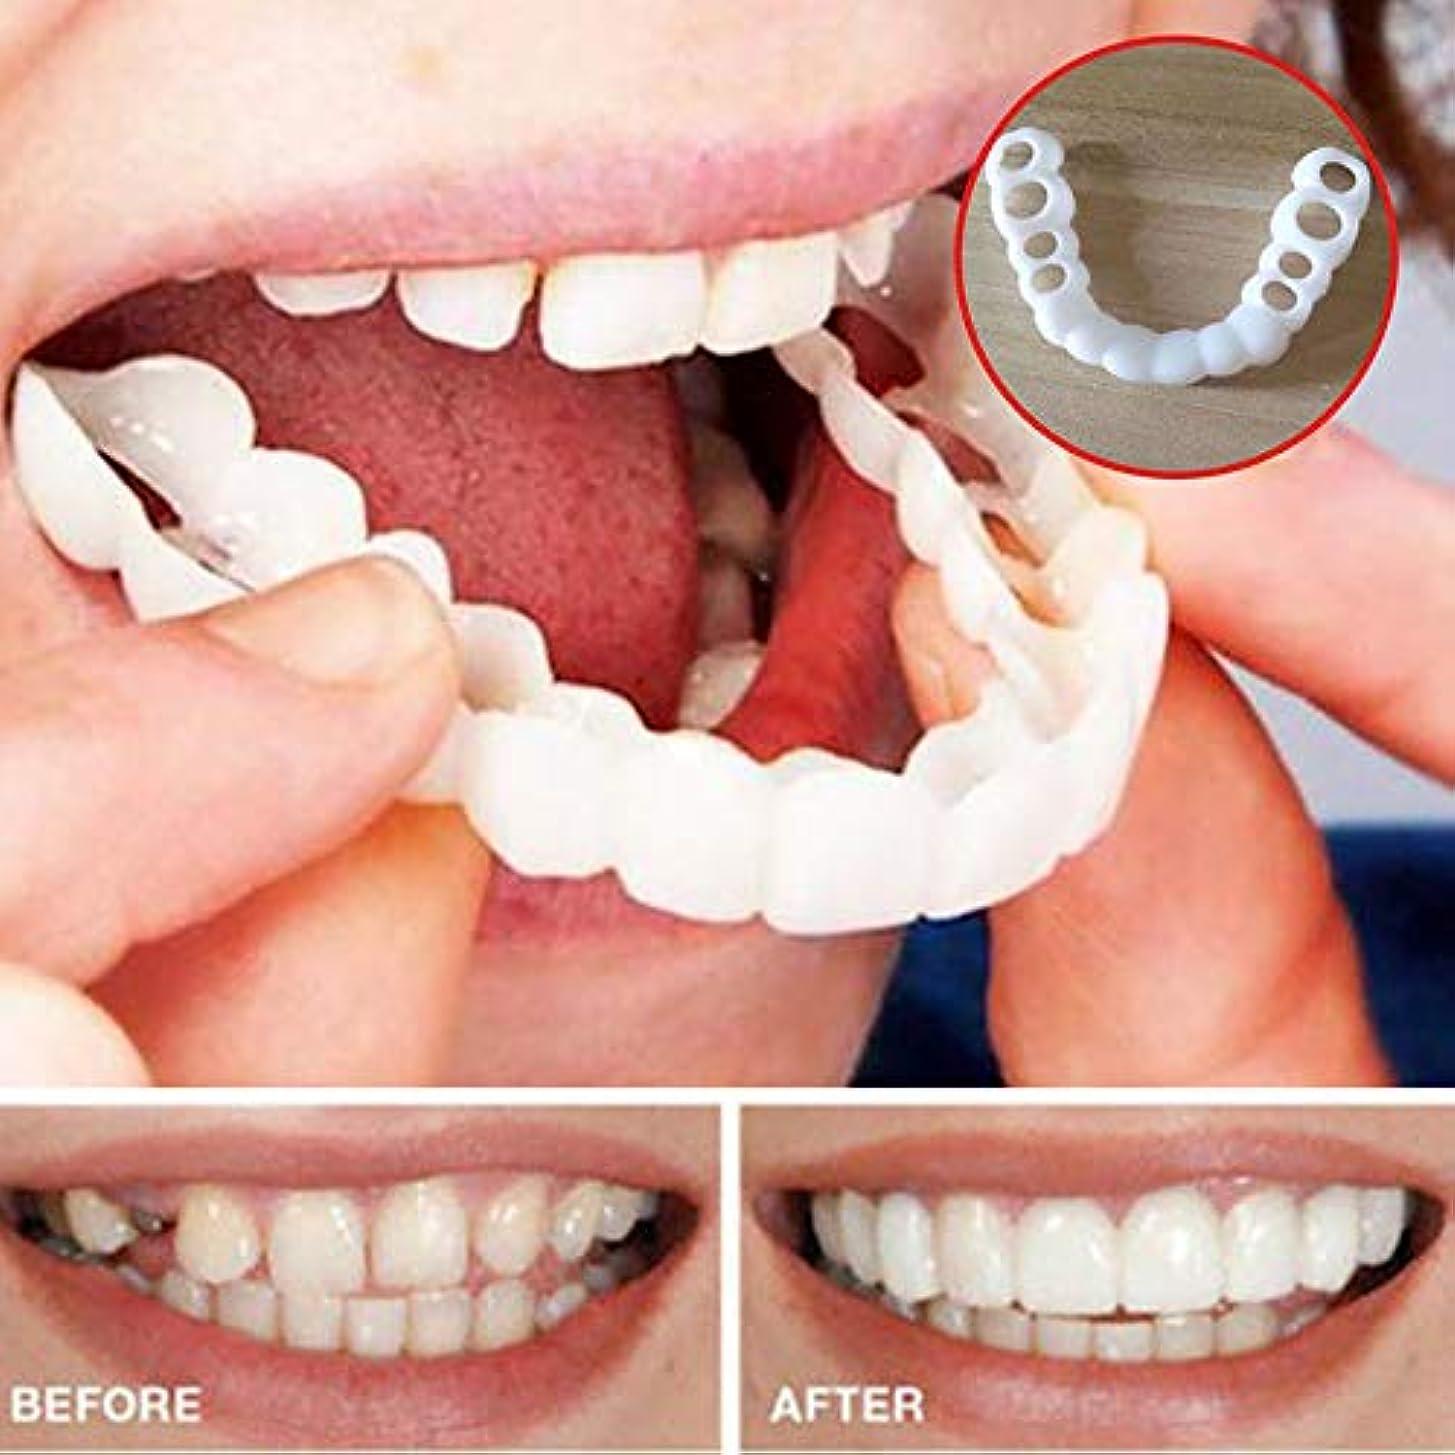 かろうじて信じられないマーカー快適な笑顔義歯カバーフィットFle歯偽ベニアカバー歯ホワイトニングスナップオン笑顔歯化粧品義歯 - 4ペア